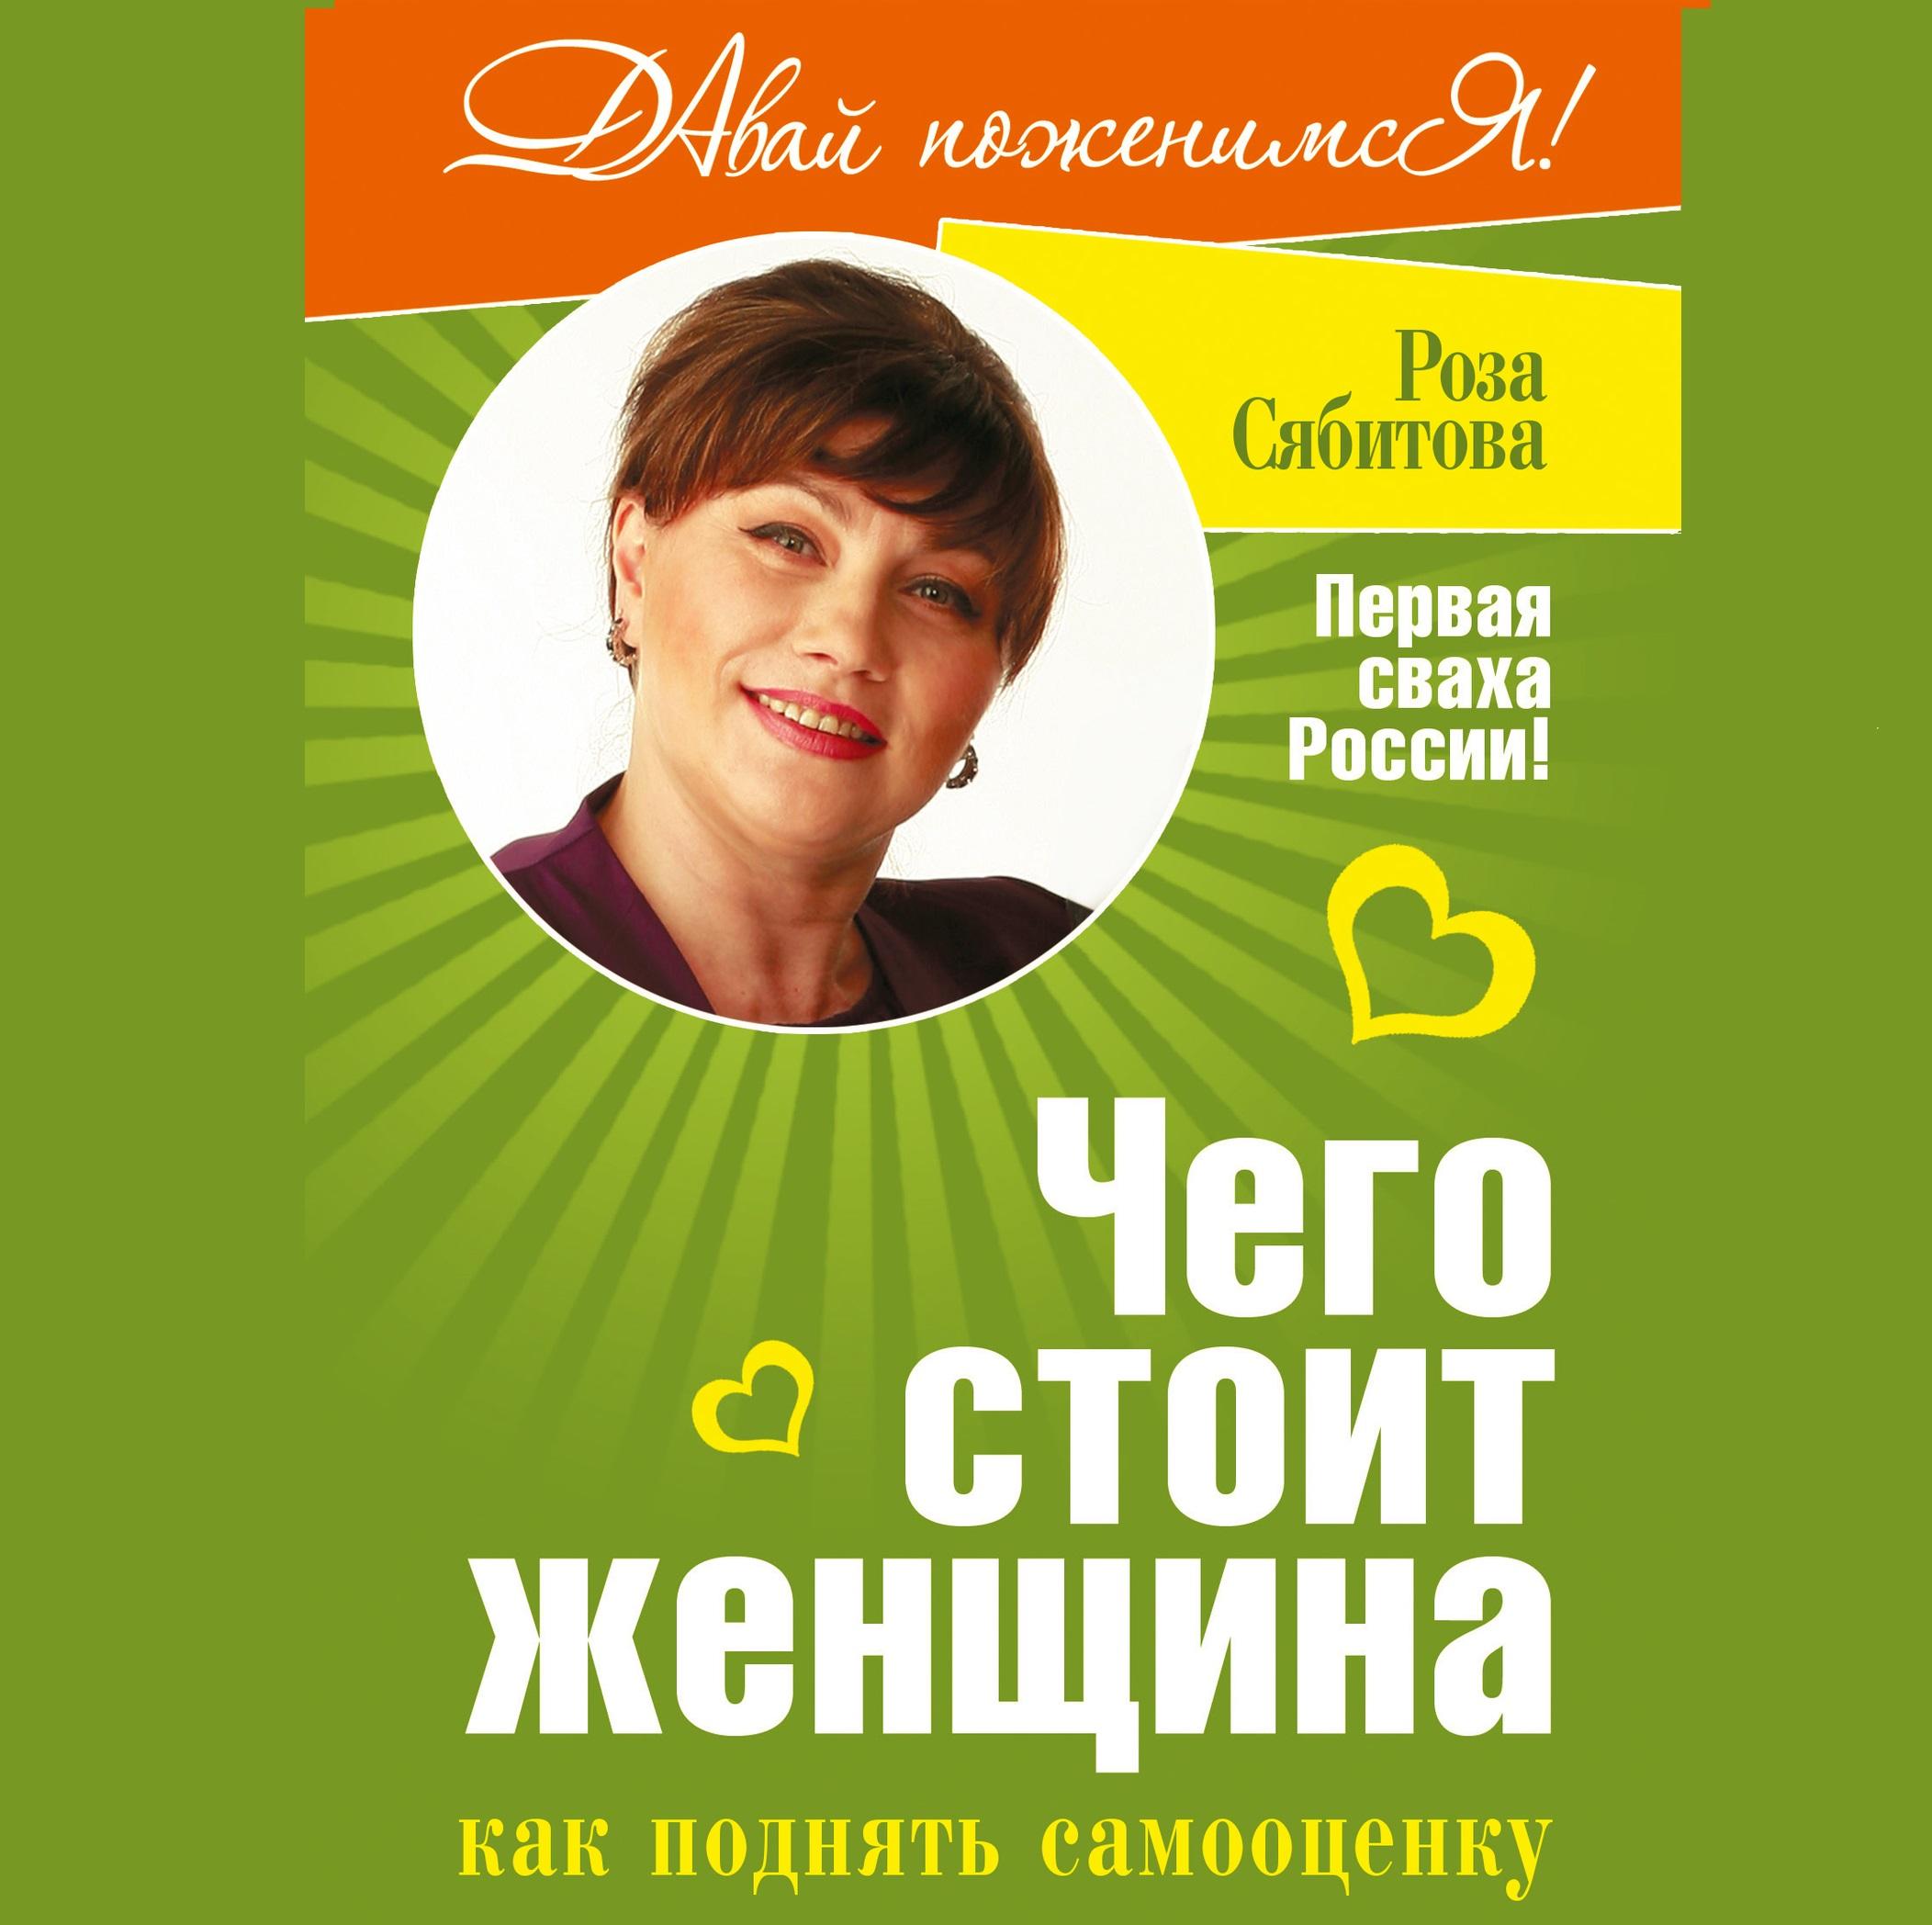 Купить книгу Чего стоит женщина, или Как поднять самооценку, автора Розы Сябитовой